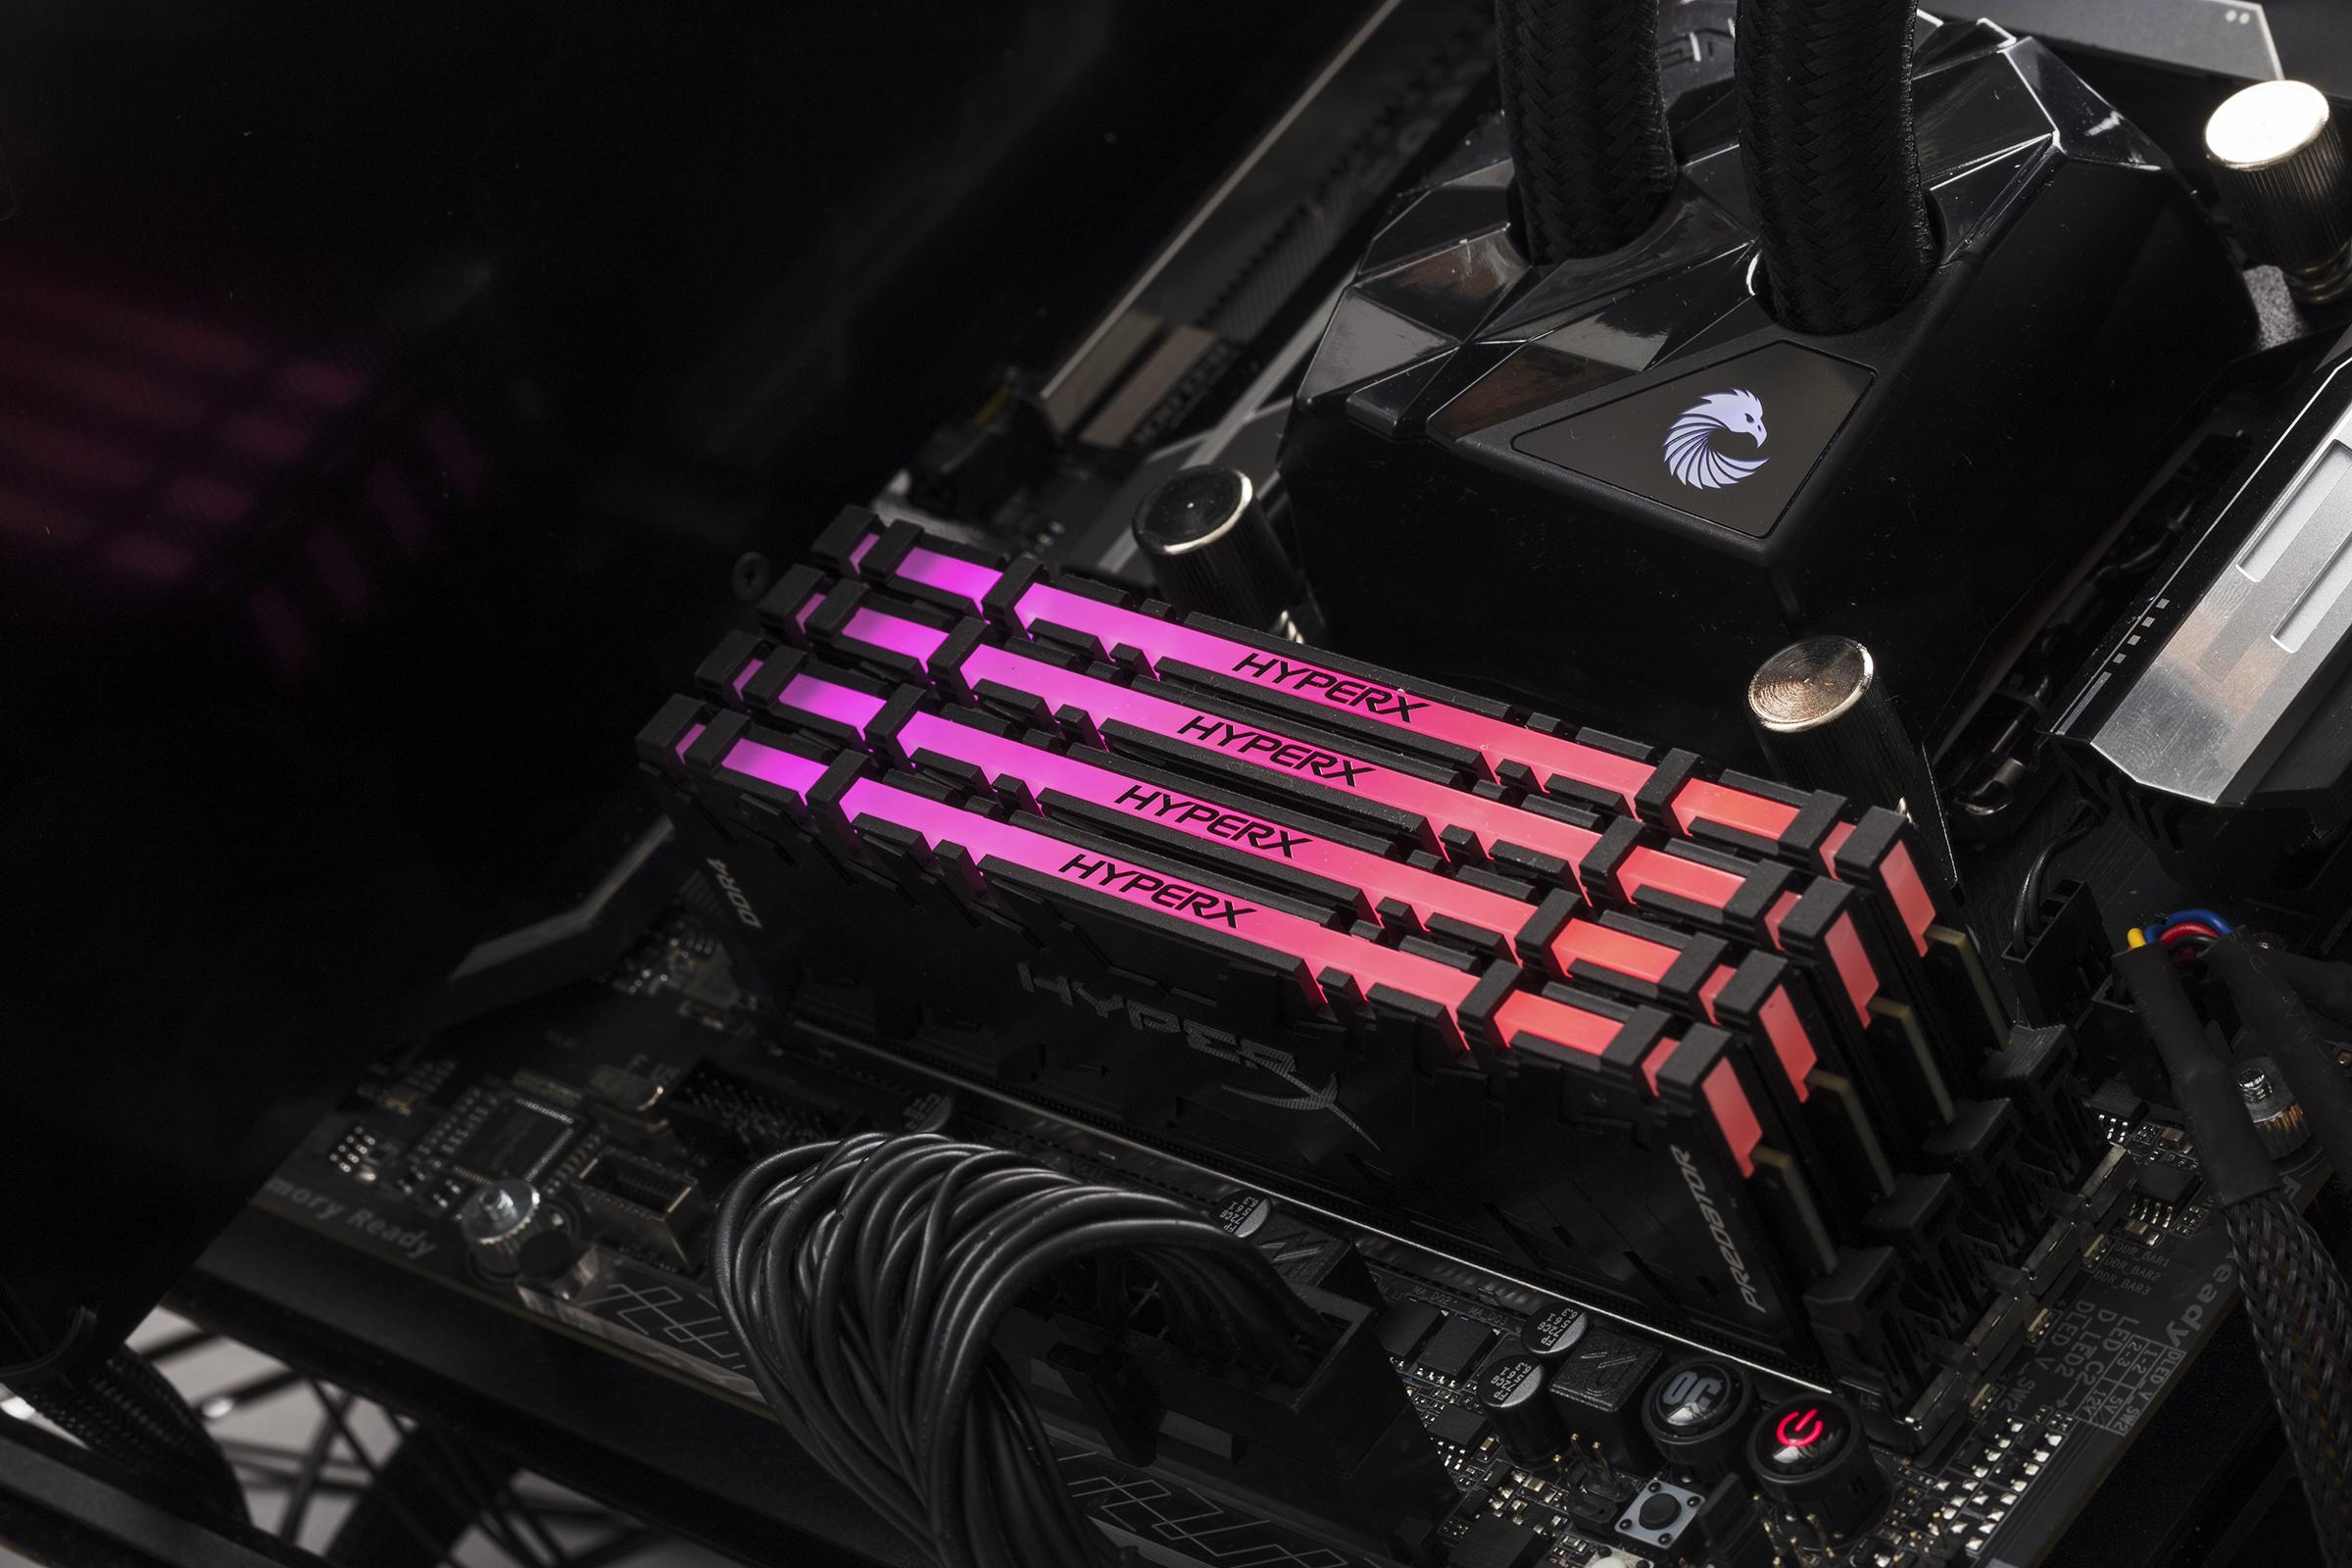 Predator DDR4 RGB Memory 2